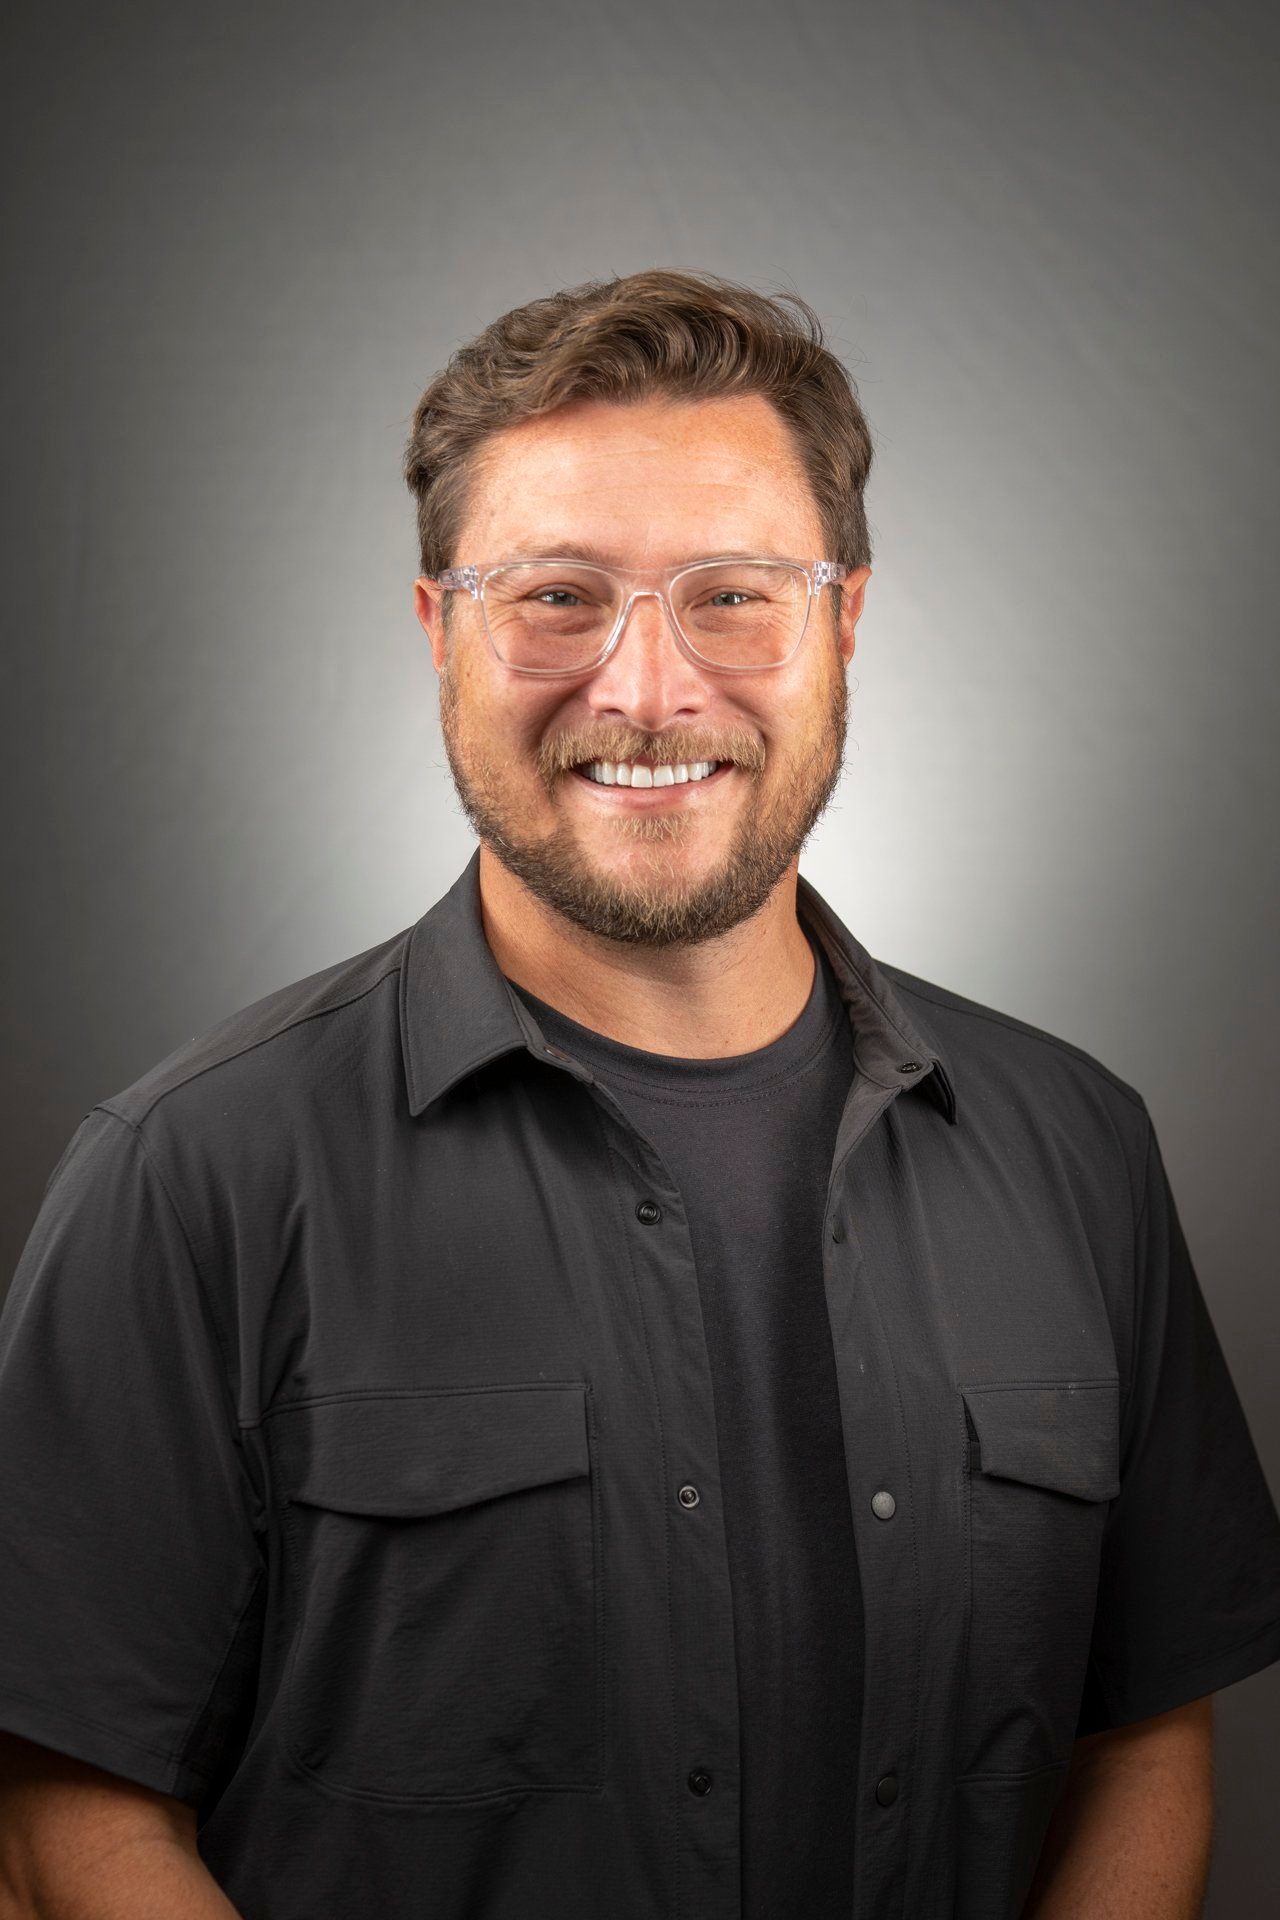 Aaron Cordeiro